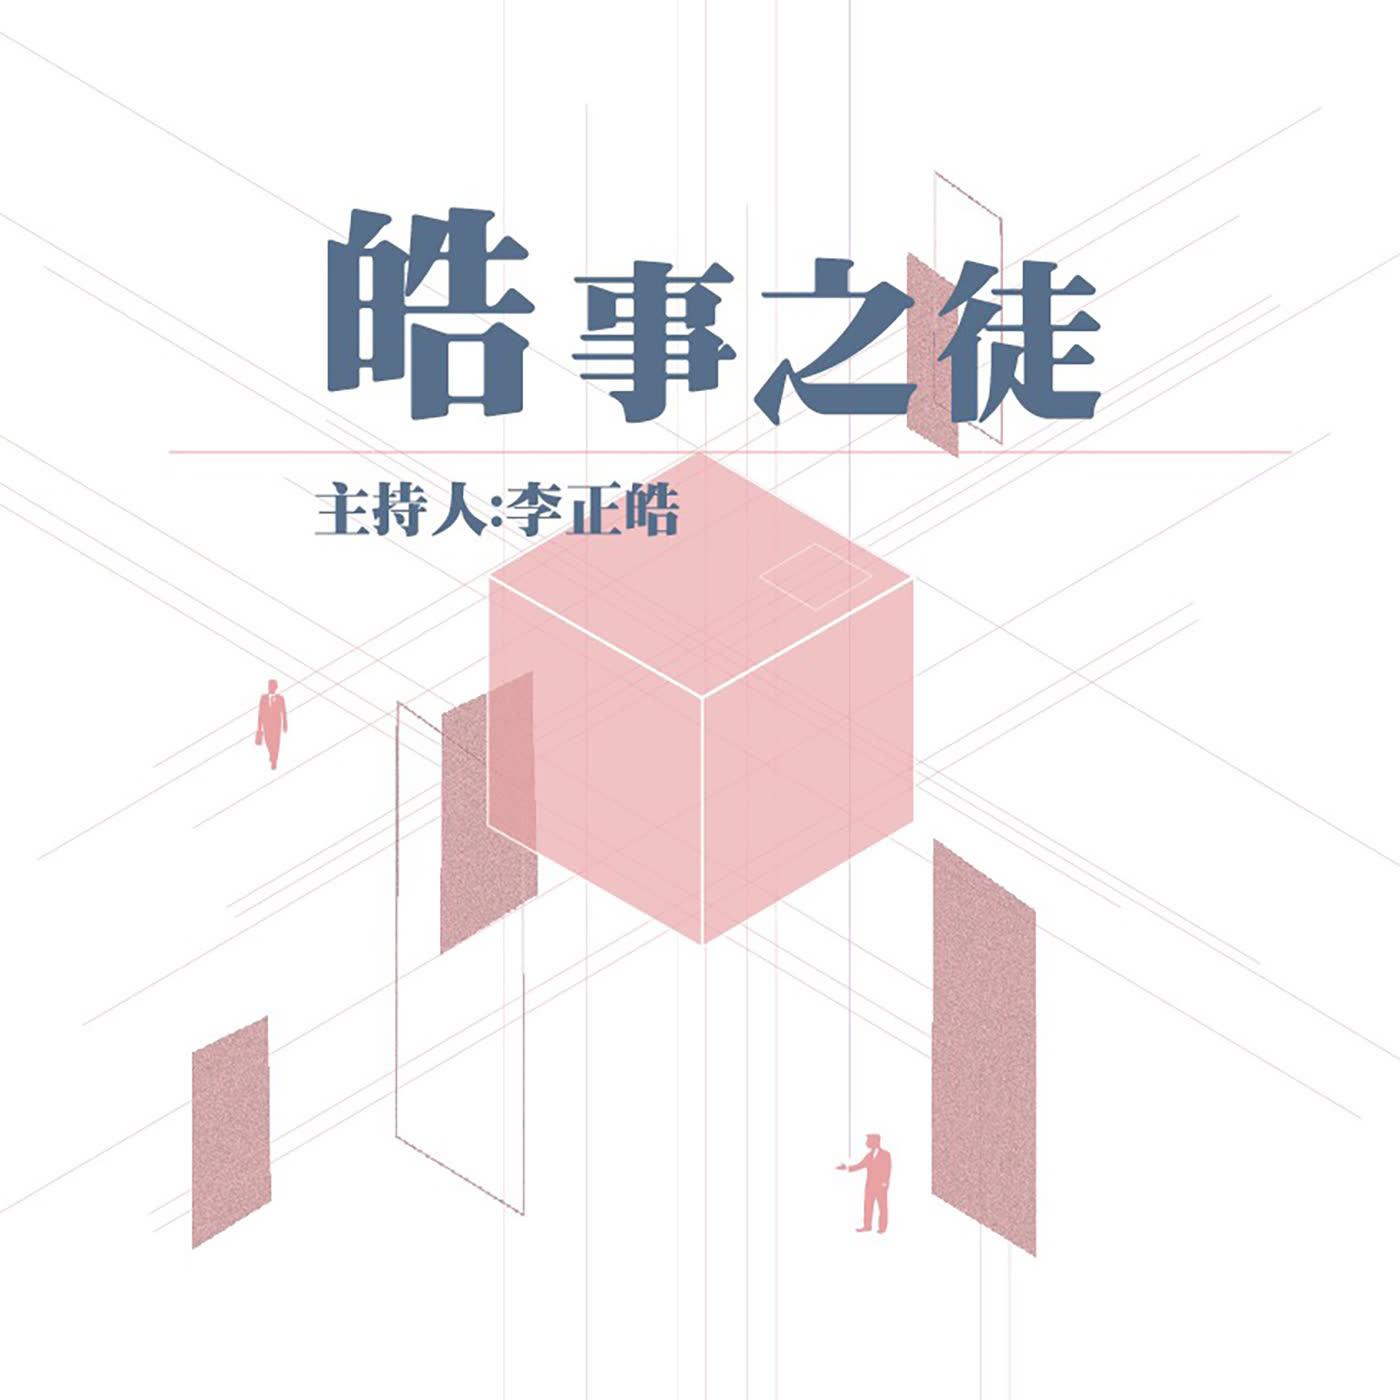 【震傳媒|李正皓 皓事之徒】 Ep21|長榮成為台灣的塞子!蘇伊士運河真的塞住了!